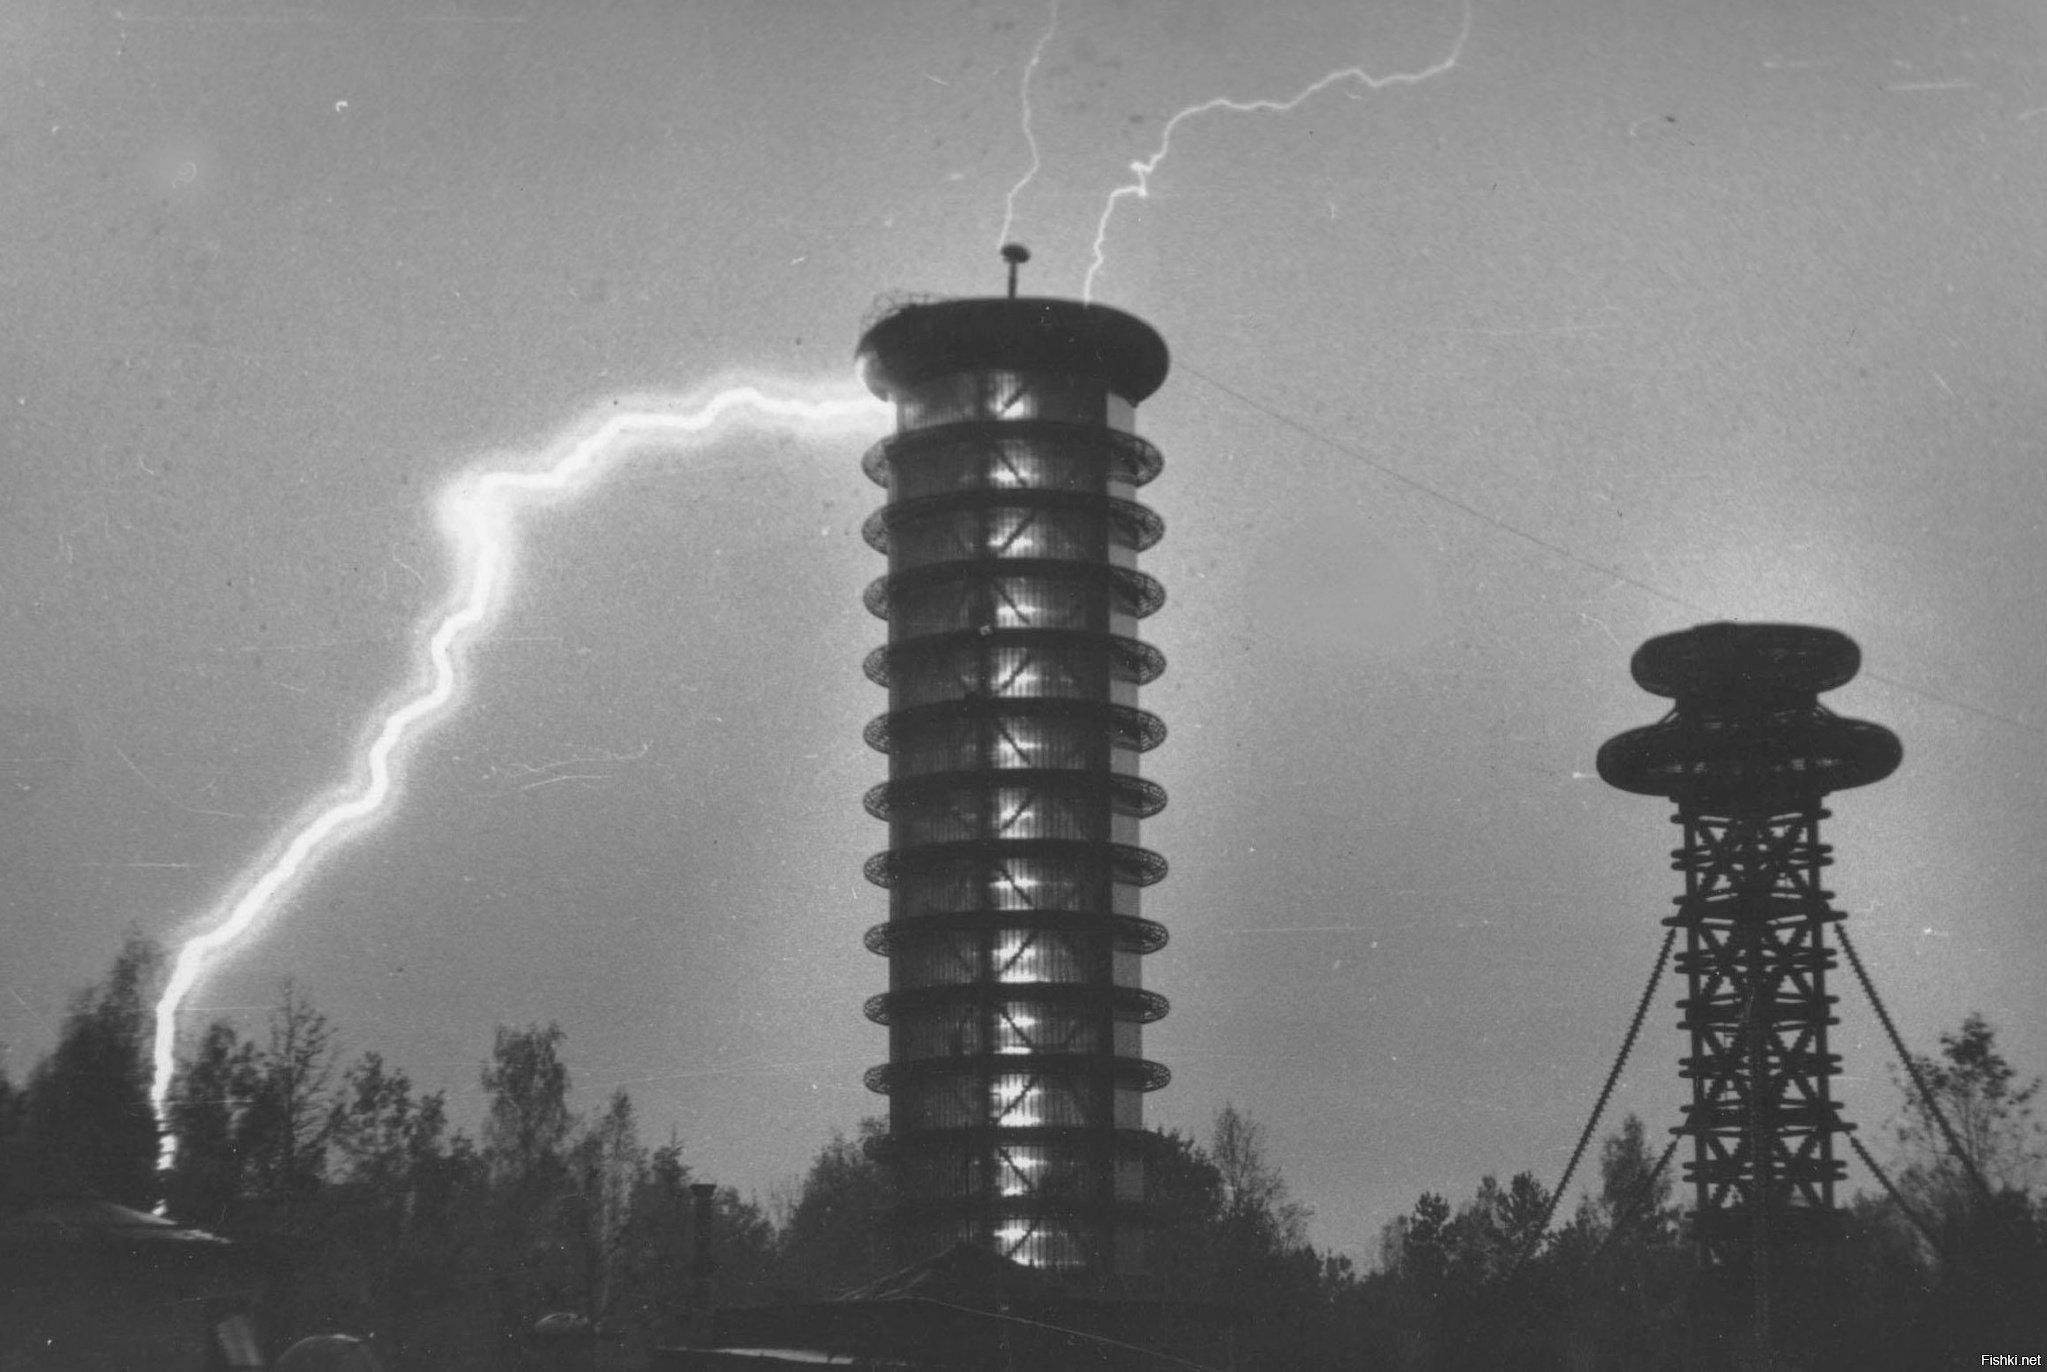 атмосферное электричество фото плацкартных вагонов рекомендуем